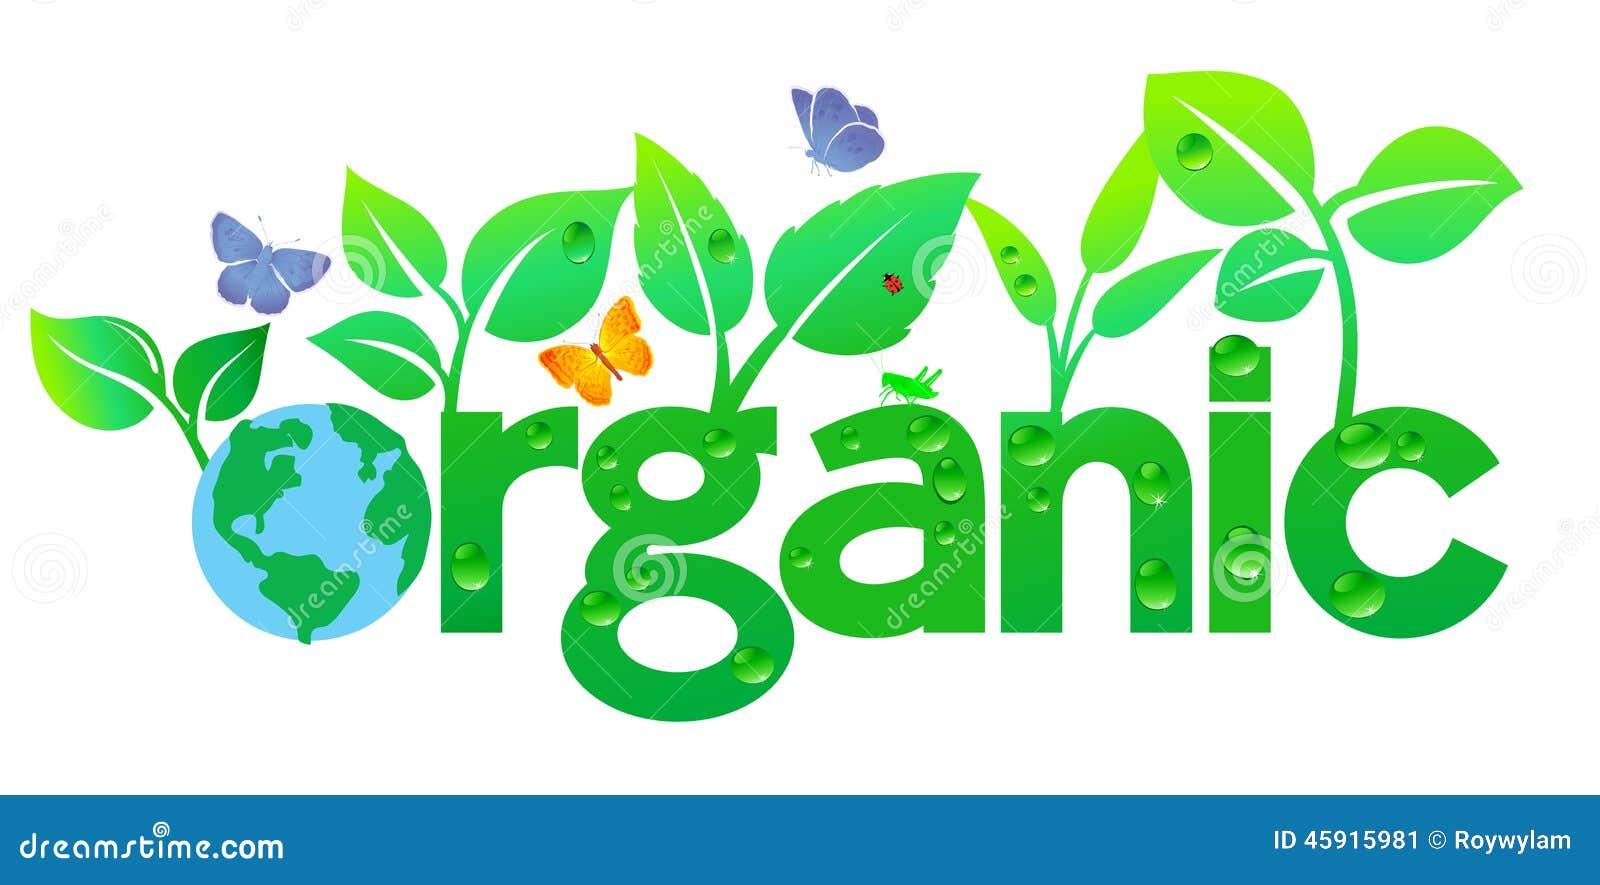 go organic Har i brug for et produkt der passer ind i jeres forretningsmodel, men uden at have besværet med grafik og produktion så har vi helt sikkert løsningen.